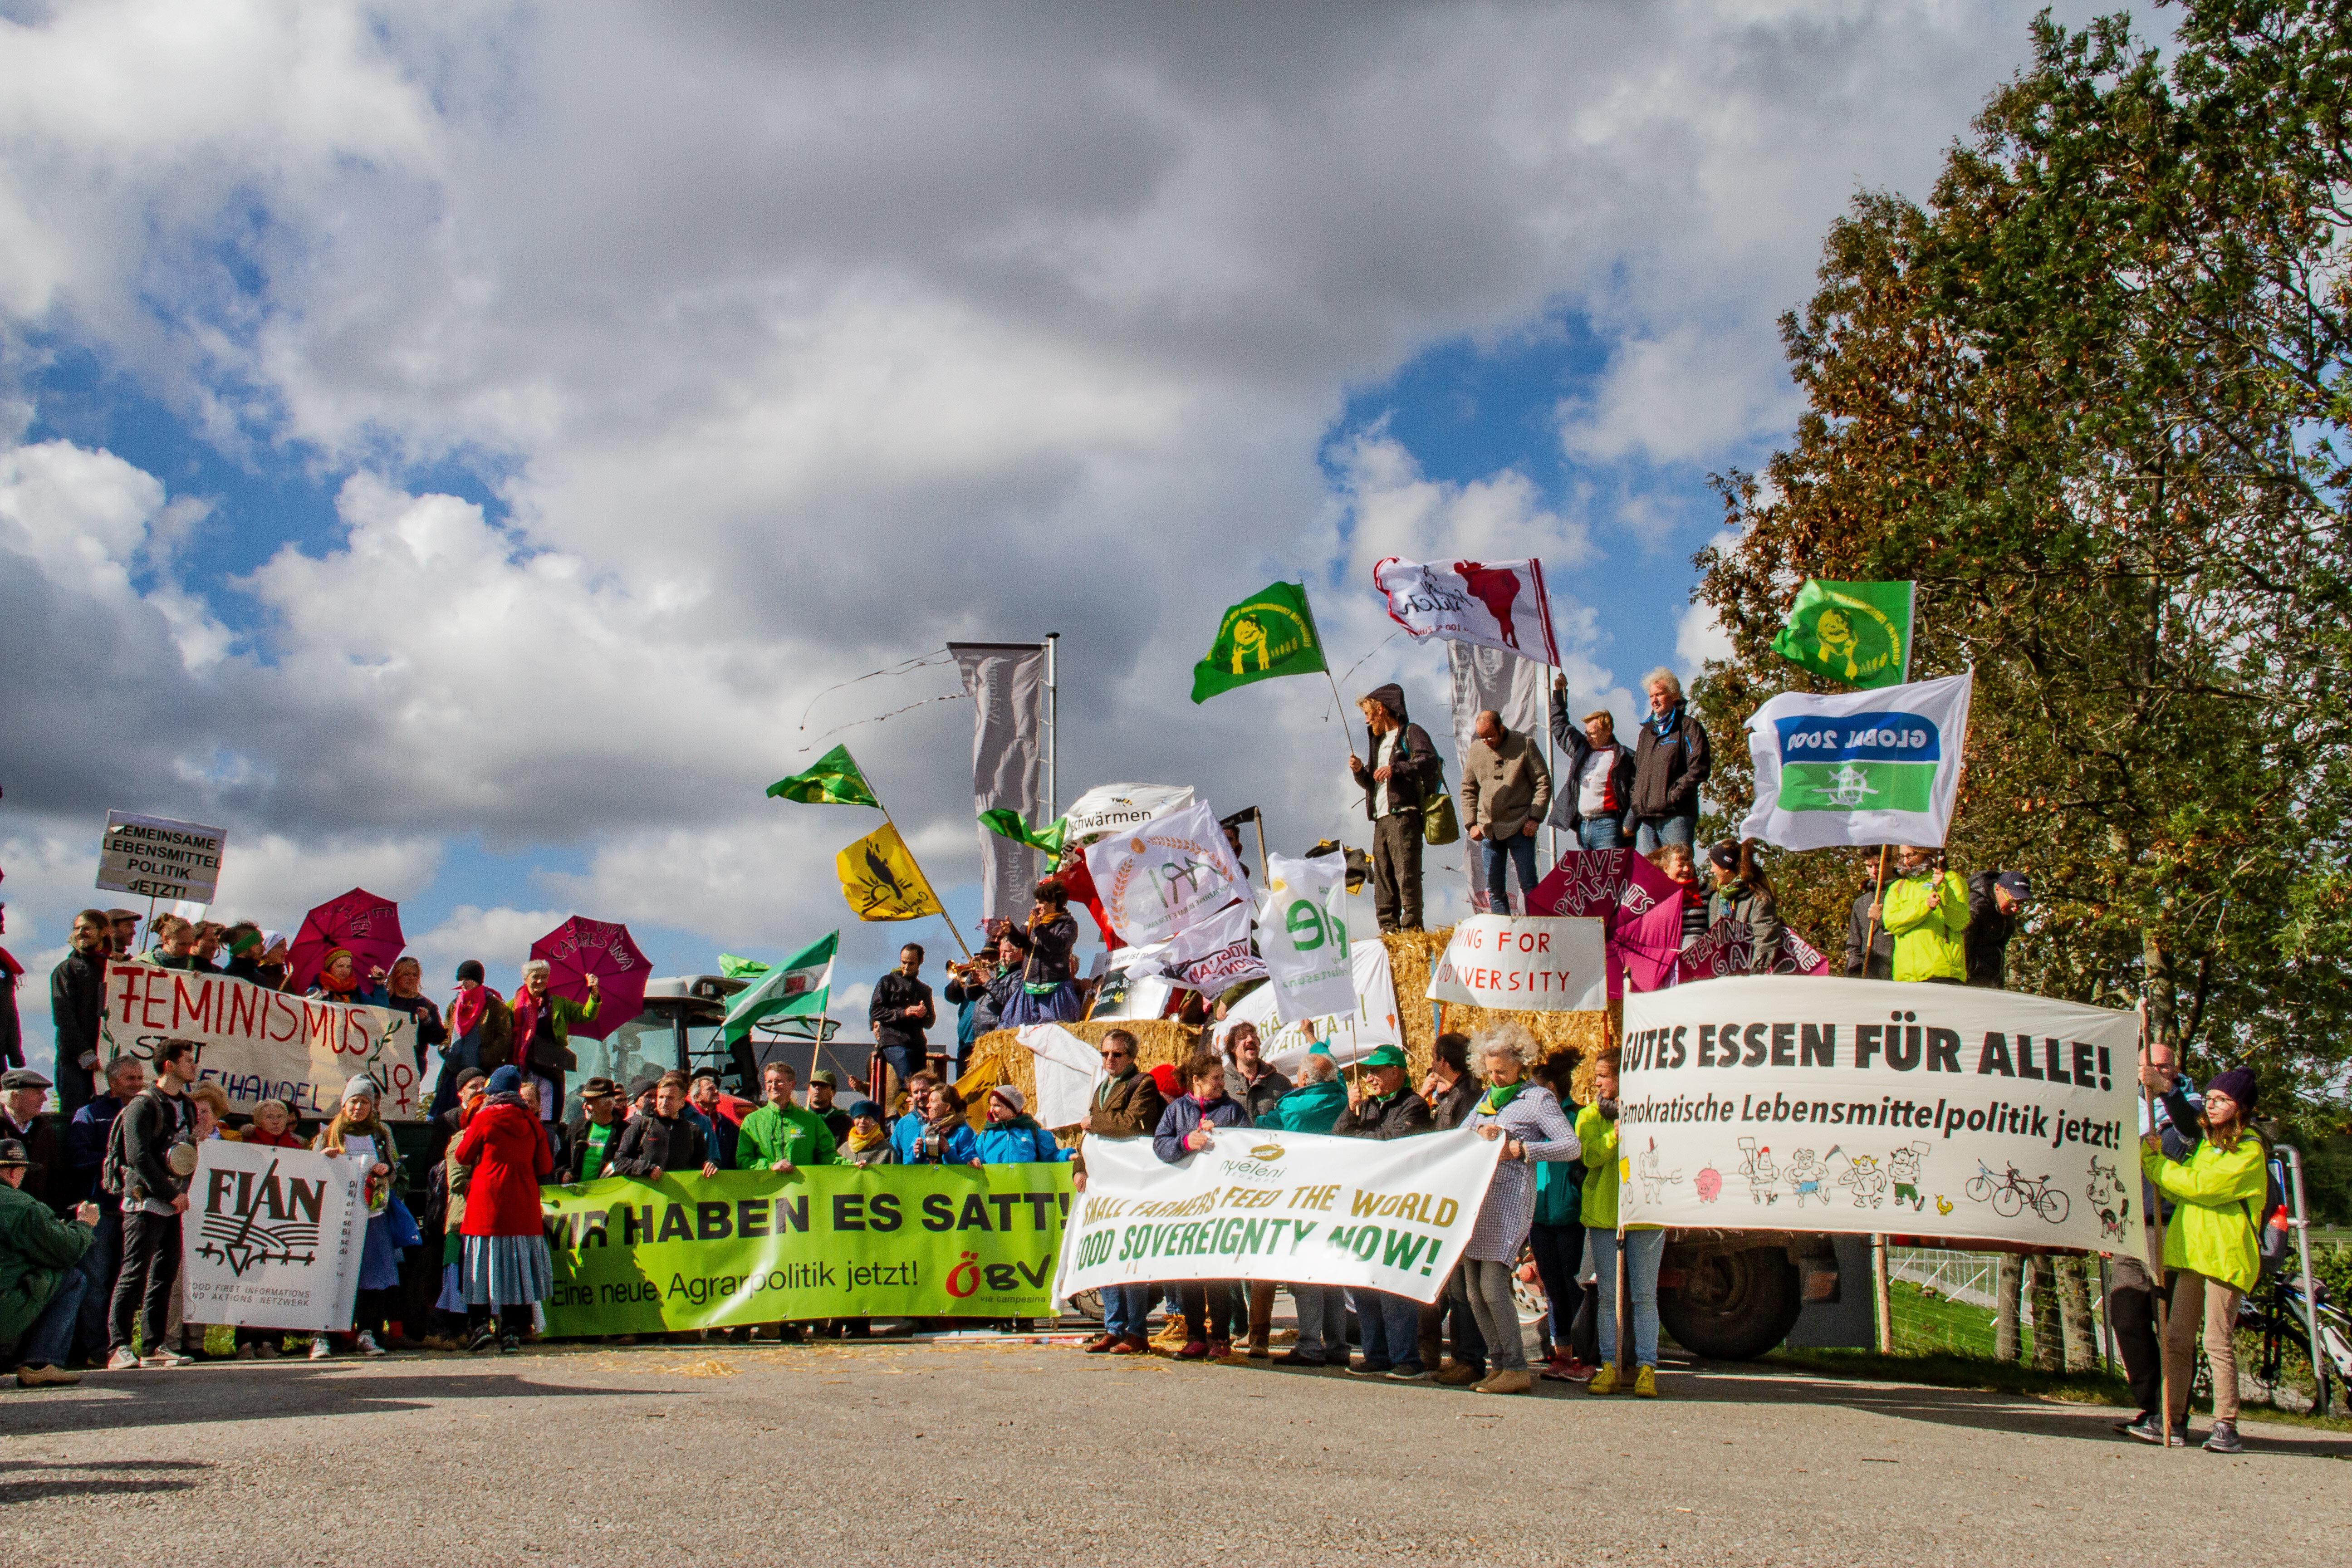 Welternährungstag: Kehrtwende in der EU-Agrarpolitik notwendig!